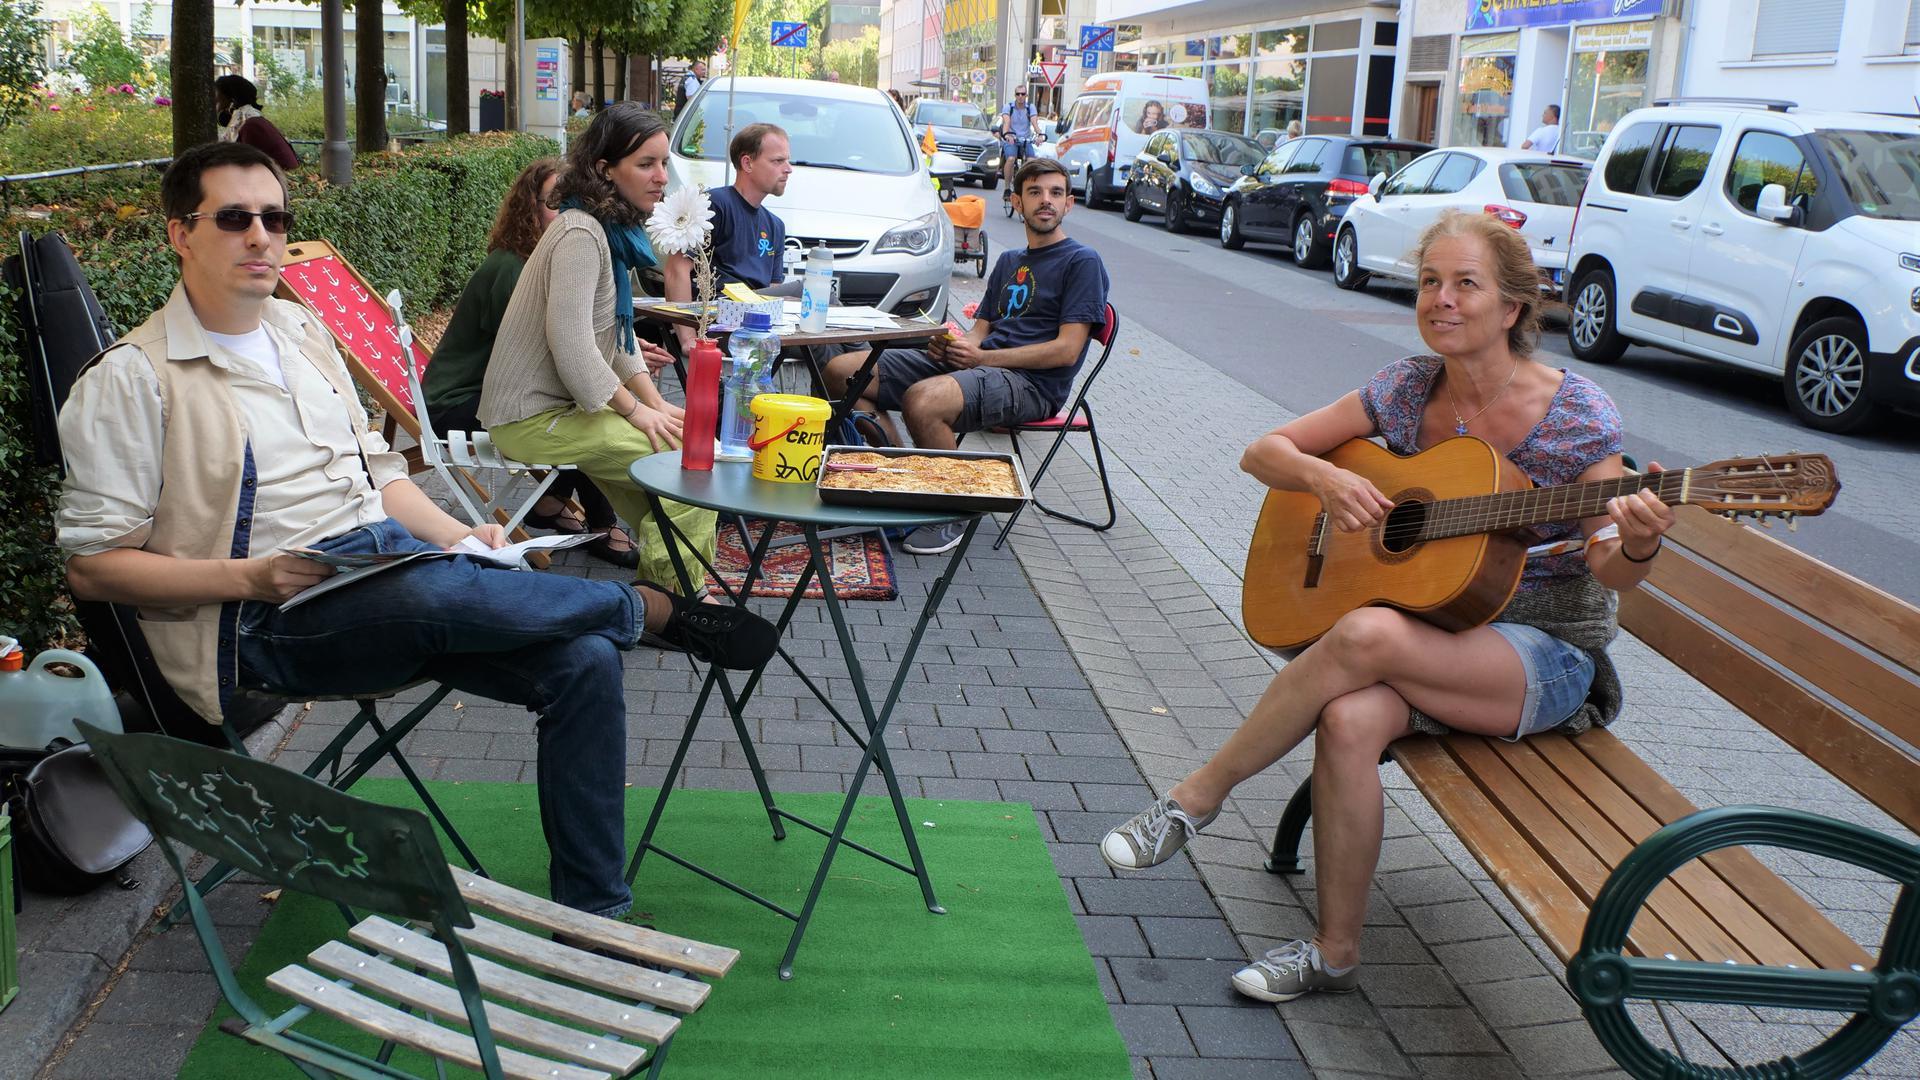 Mehere Personen sitzen gemütlich an Tischen in einer Parkzone an der Straße, eine Frau hat eine Gitarre in der Hand.